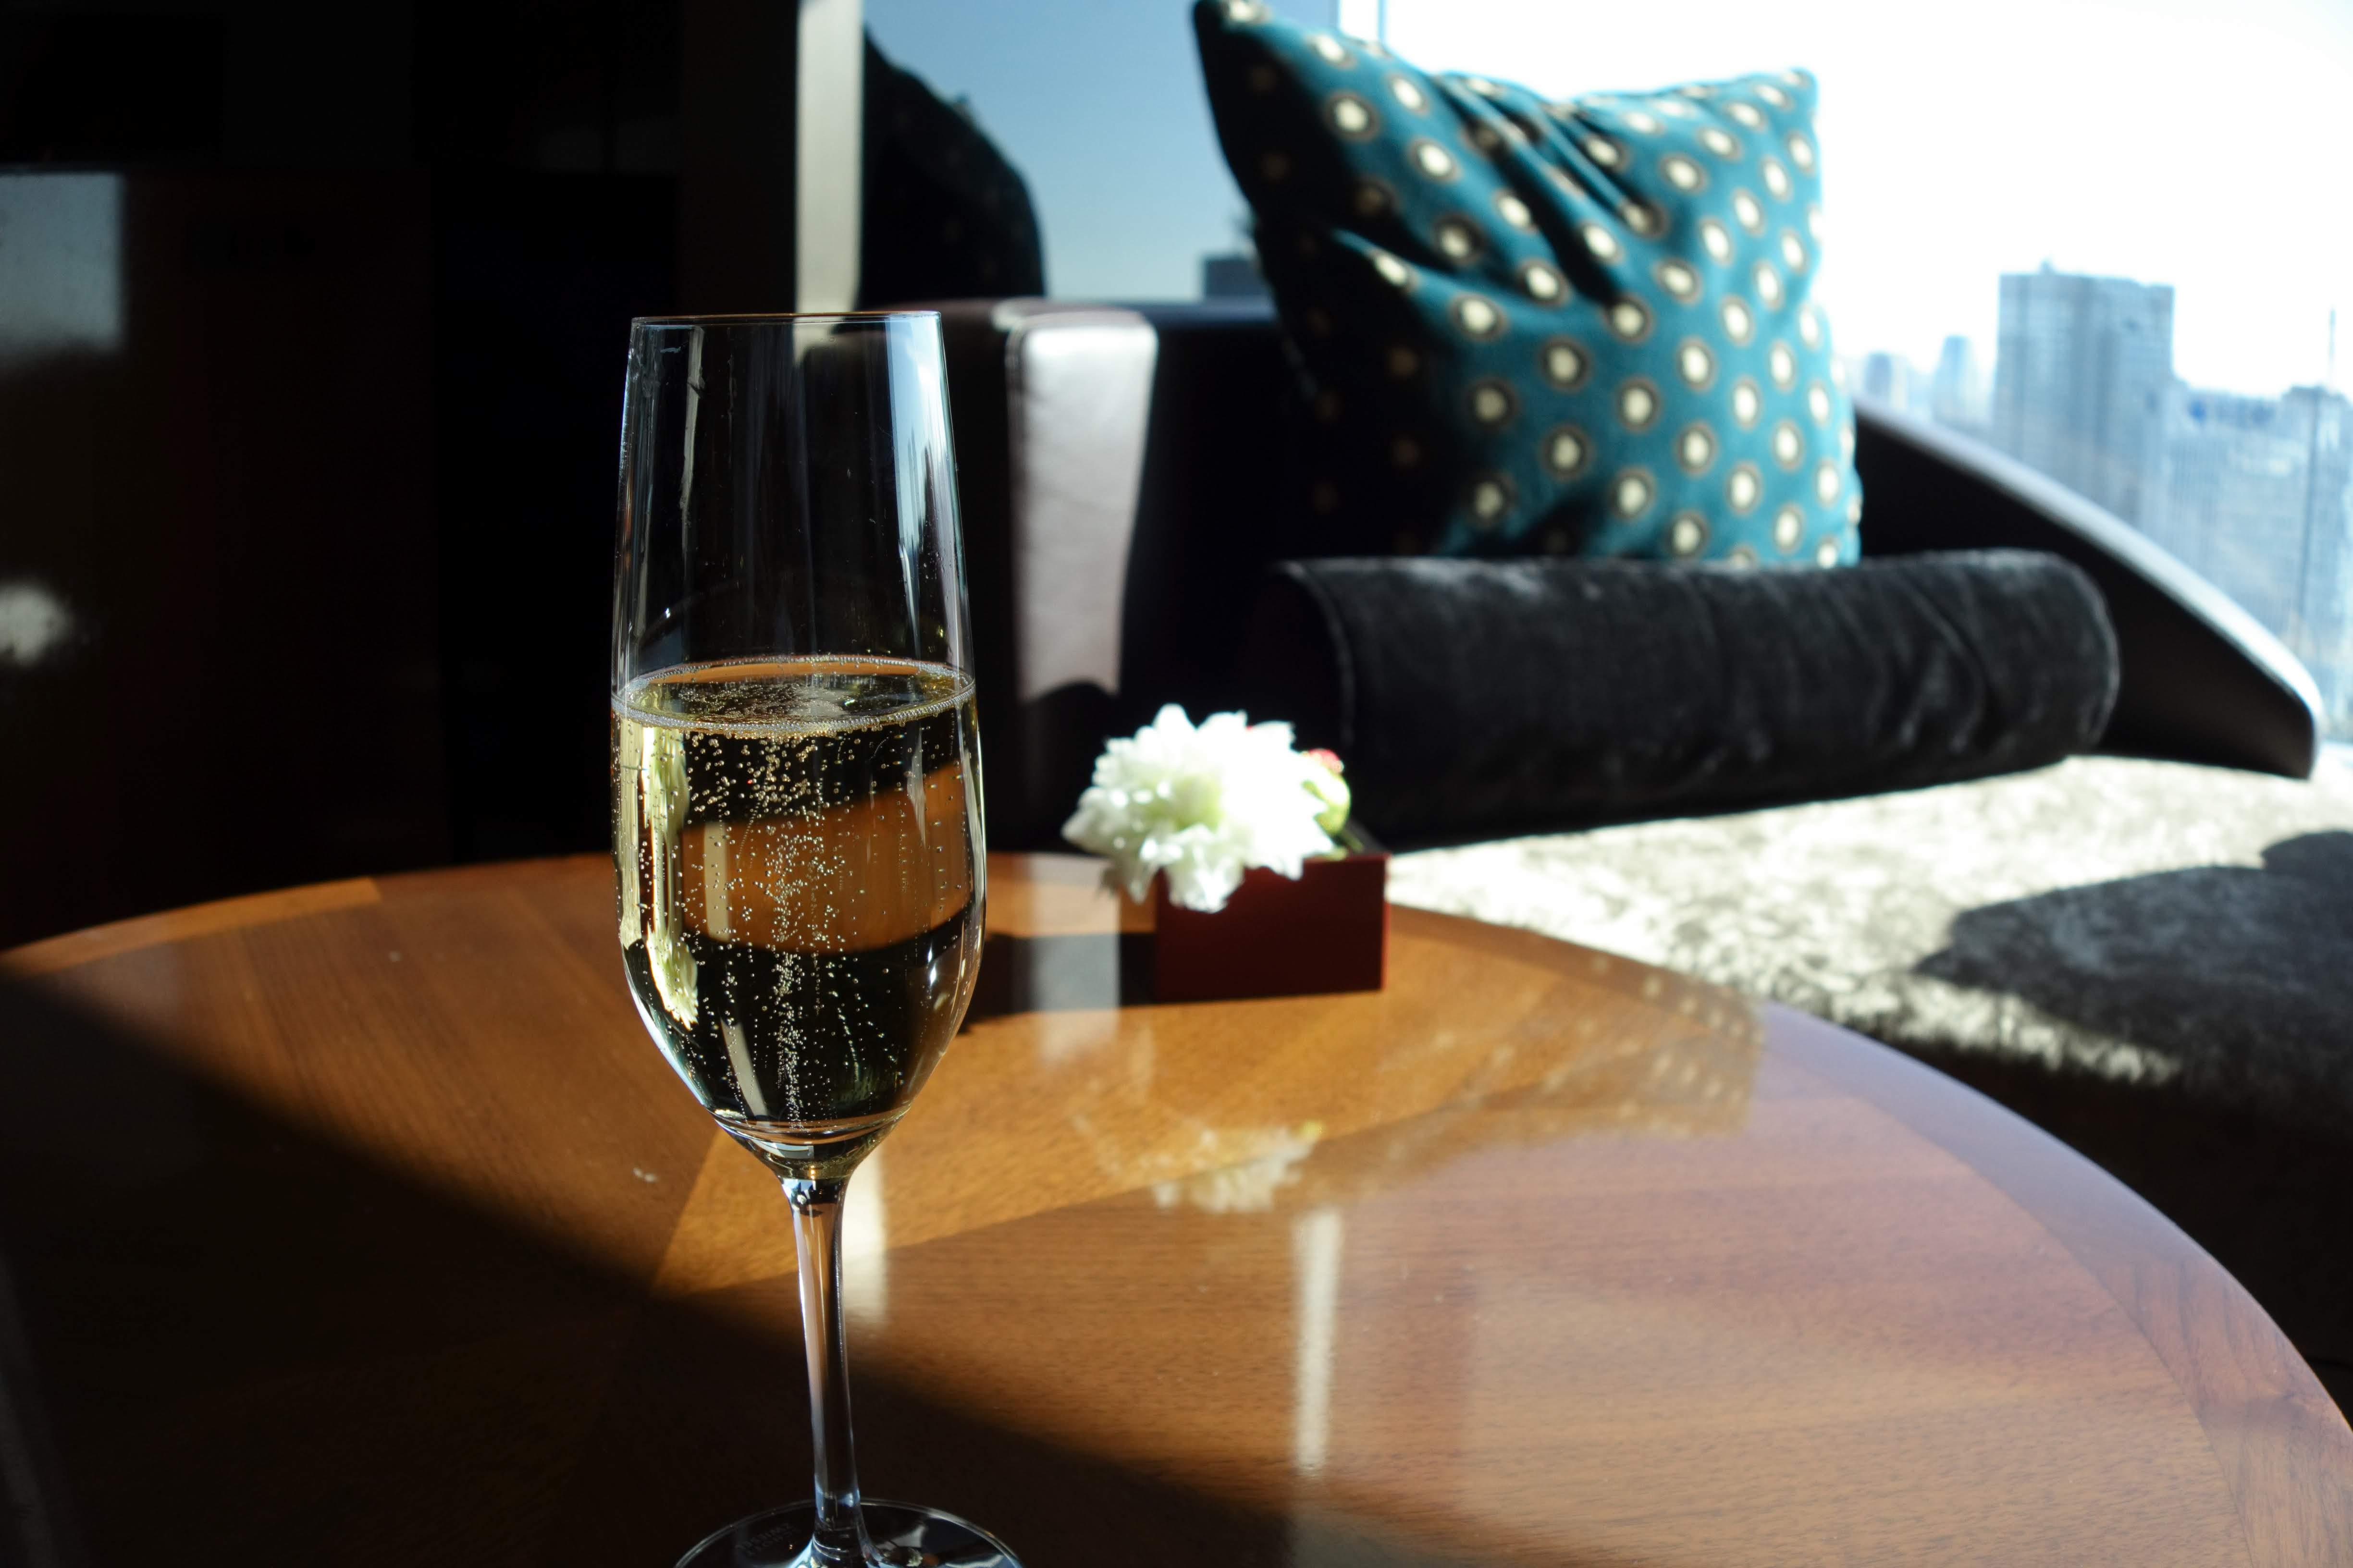 ザ・プリンスギャラリー東京紀尾井町,ラグジュアリーコレクションホテルラウンジウェルカムドリンクのシャンパン